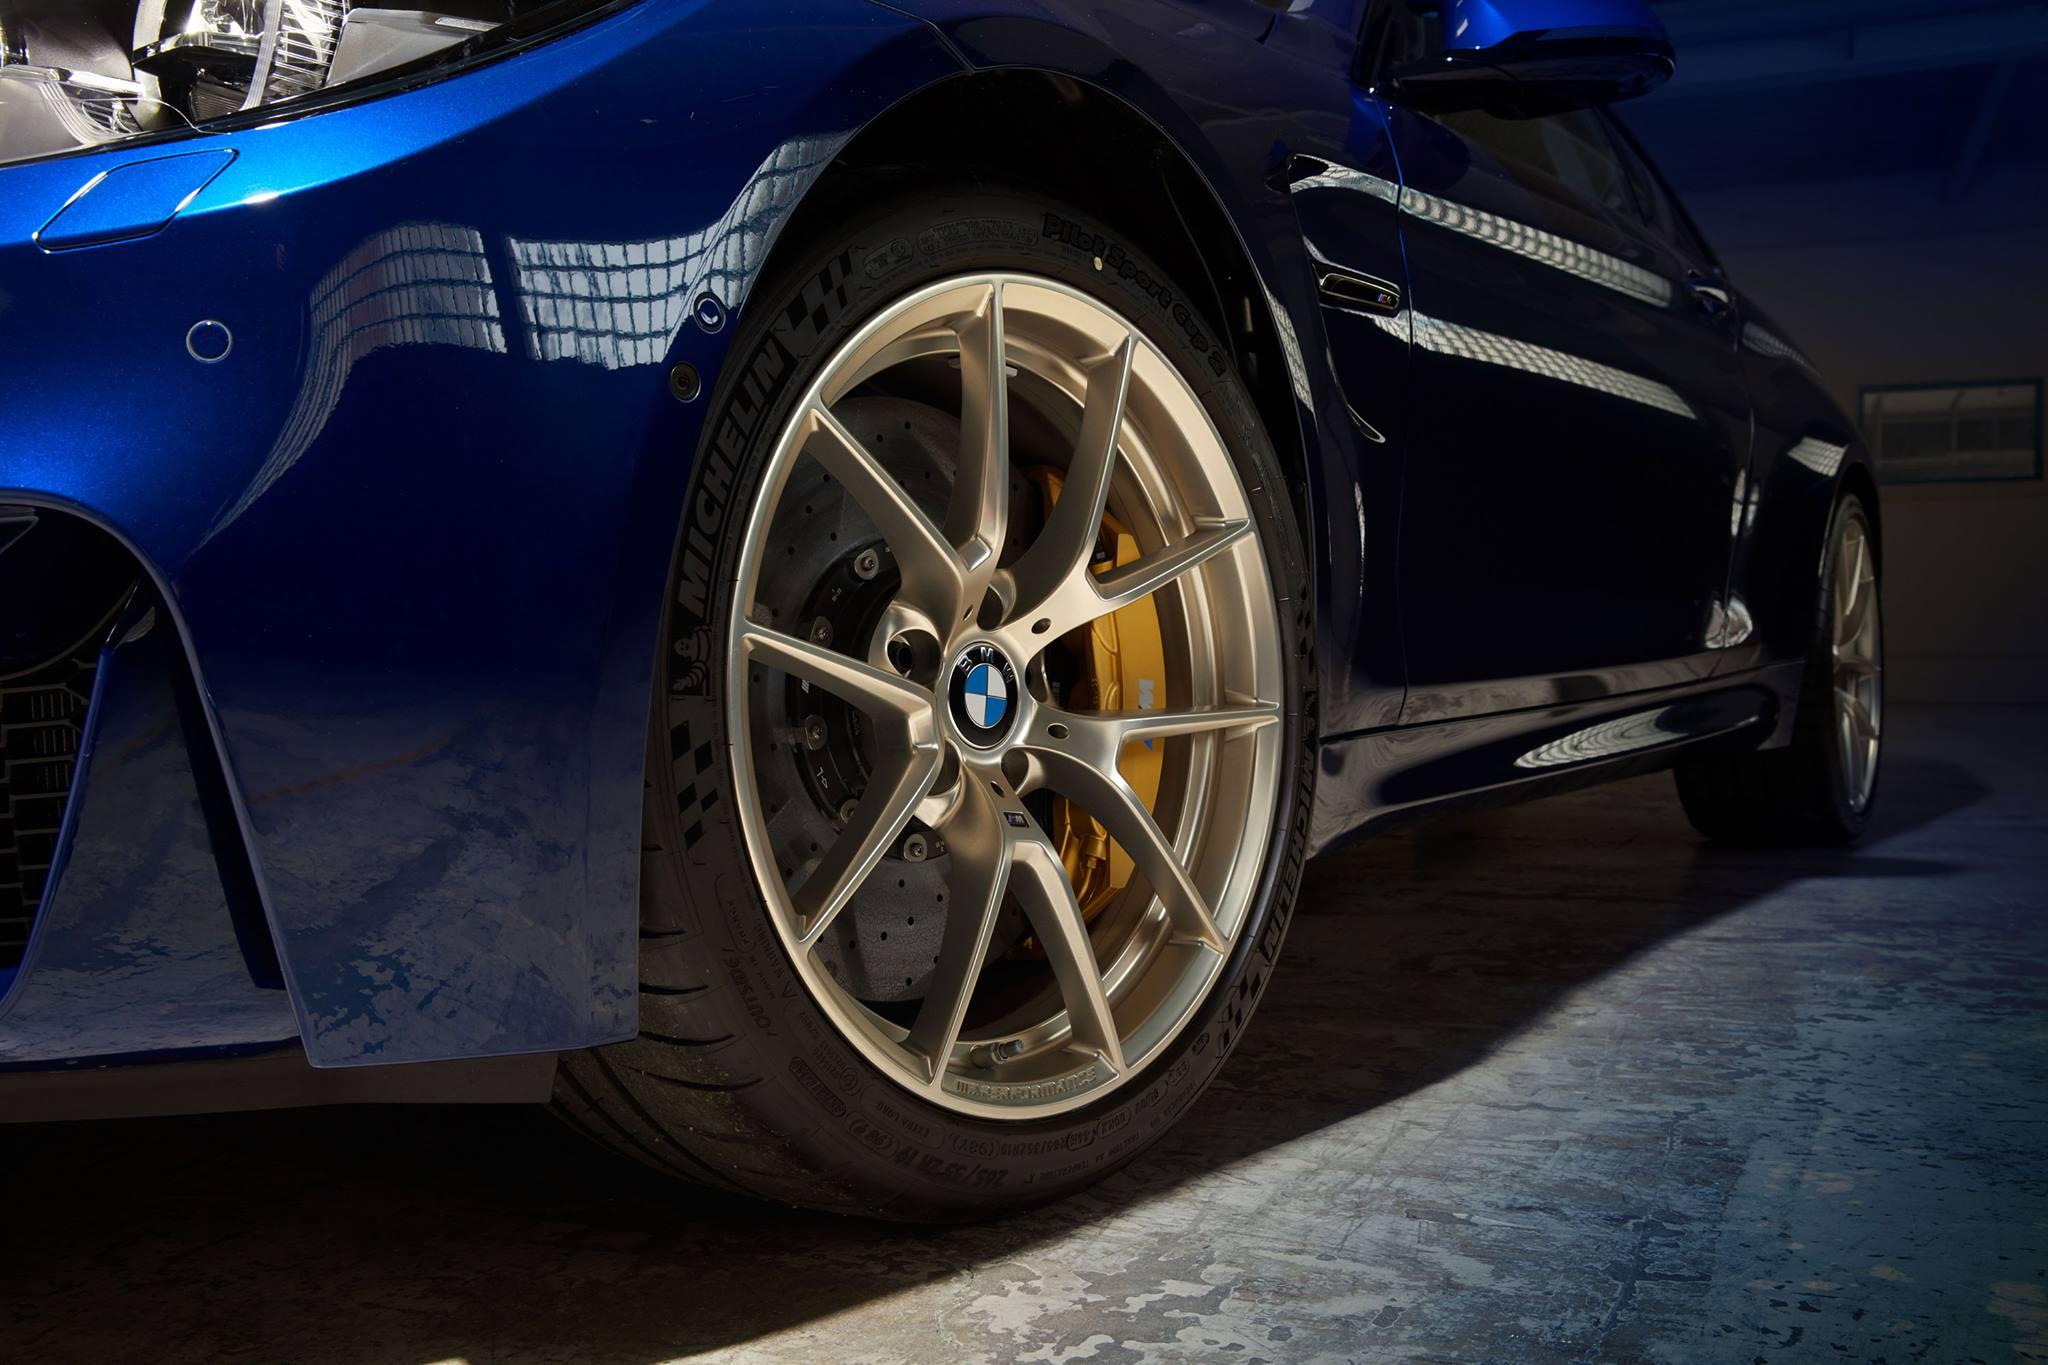 BMW Y spoke 763M